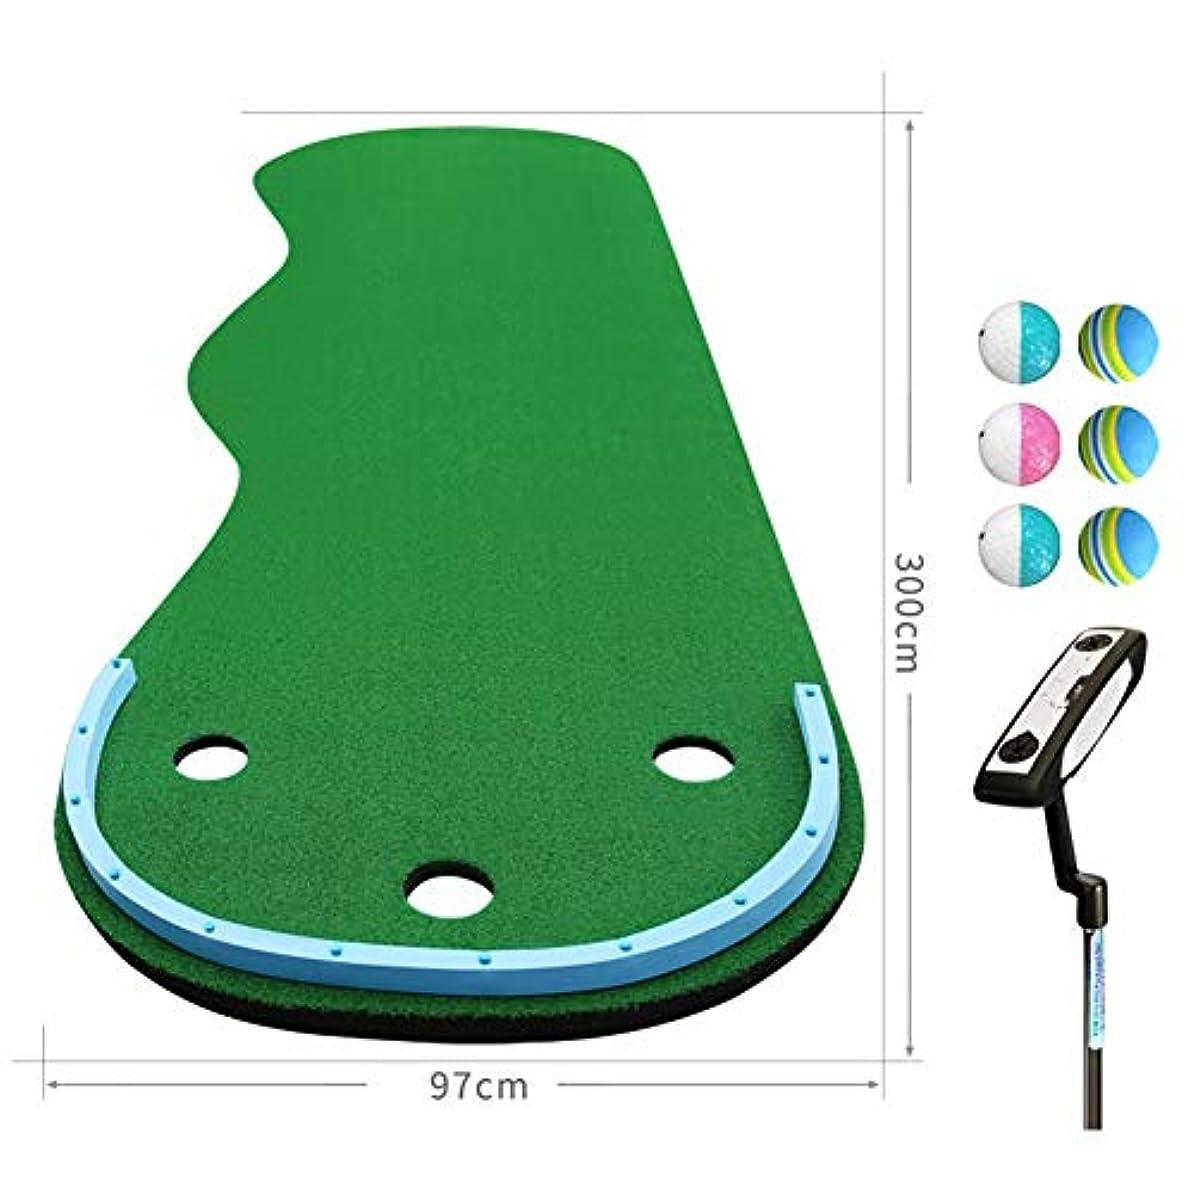 ジュラシックパークプレゼンテーション不良WENZHE ゴルフマット パターマット 練習器具 ネット ウェーブデザイン ポータブル 家族 オフィス エクササイズブランケット 芝生、 2のスタイル オプション